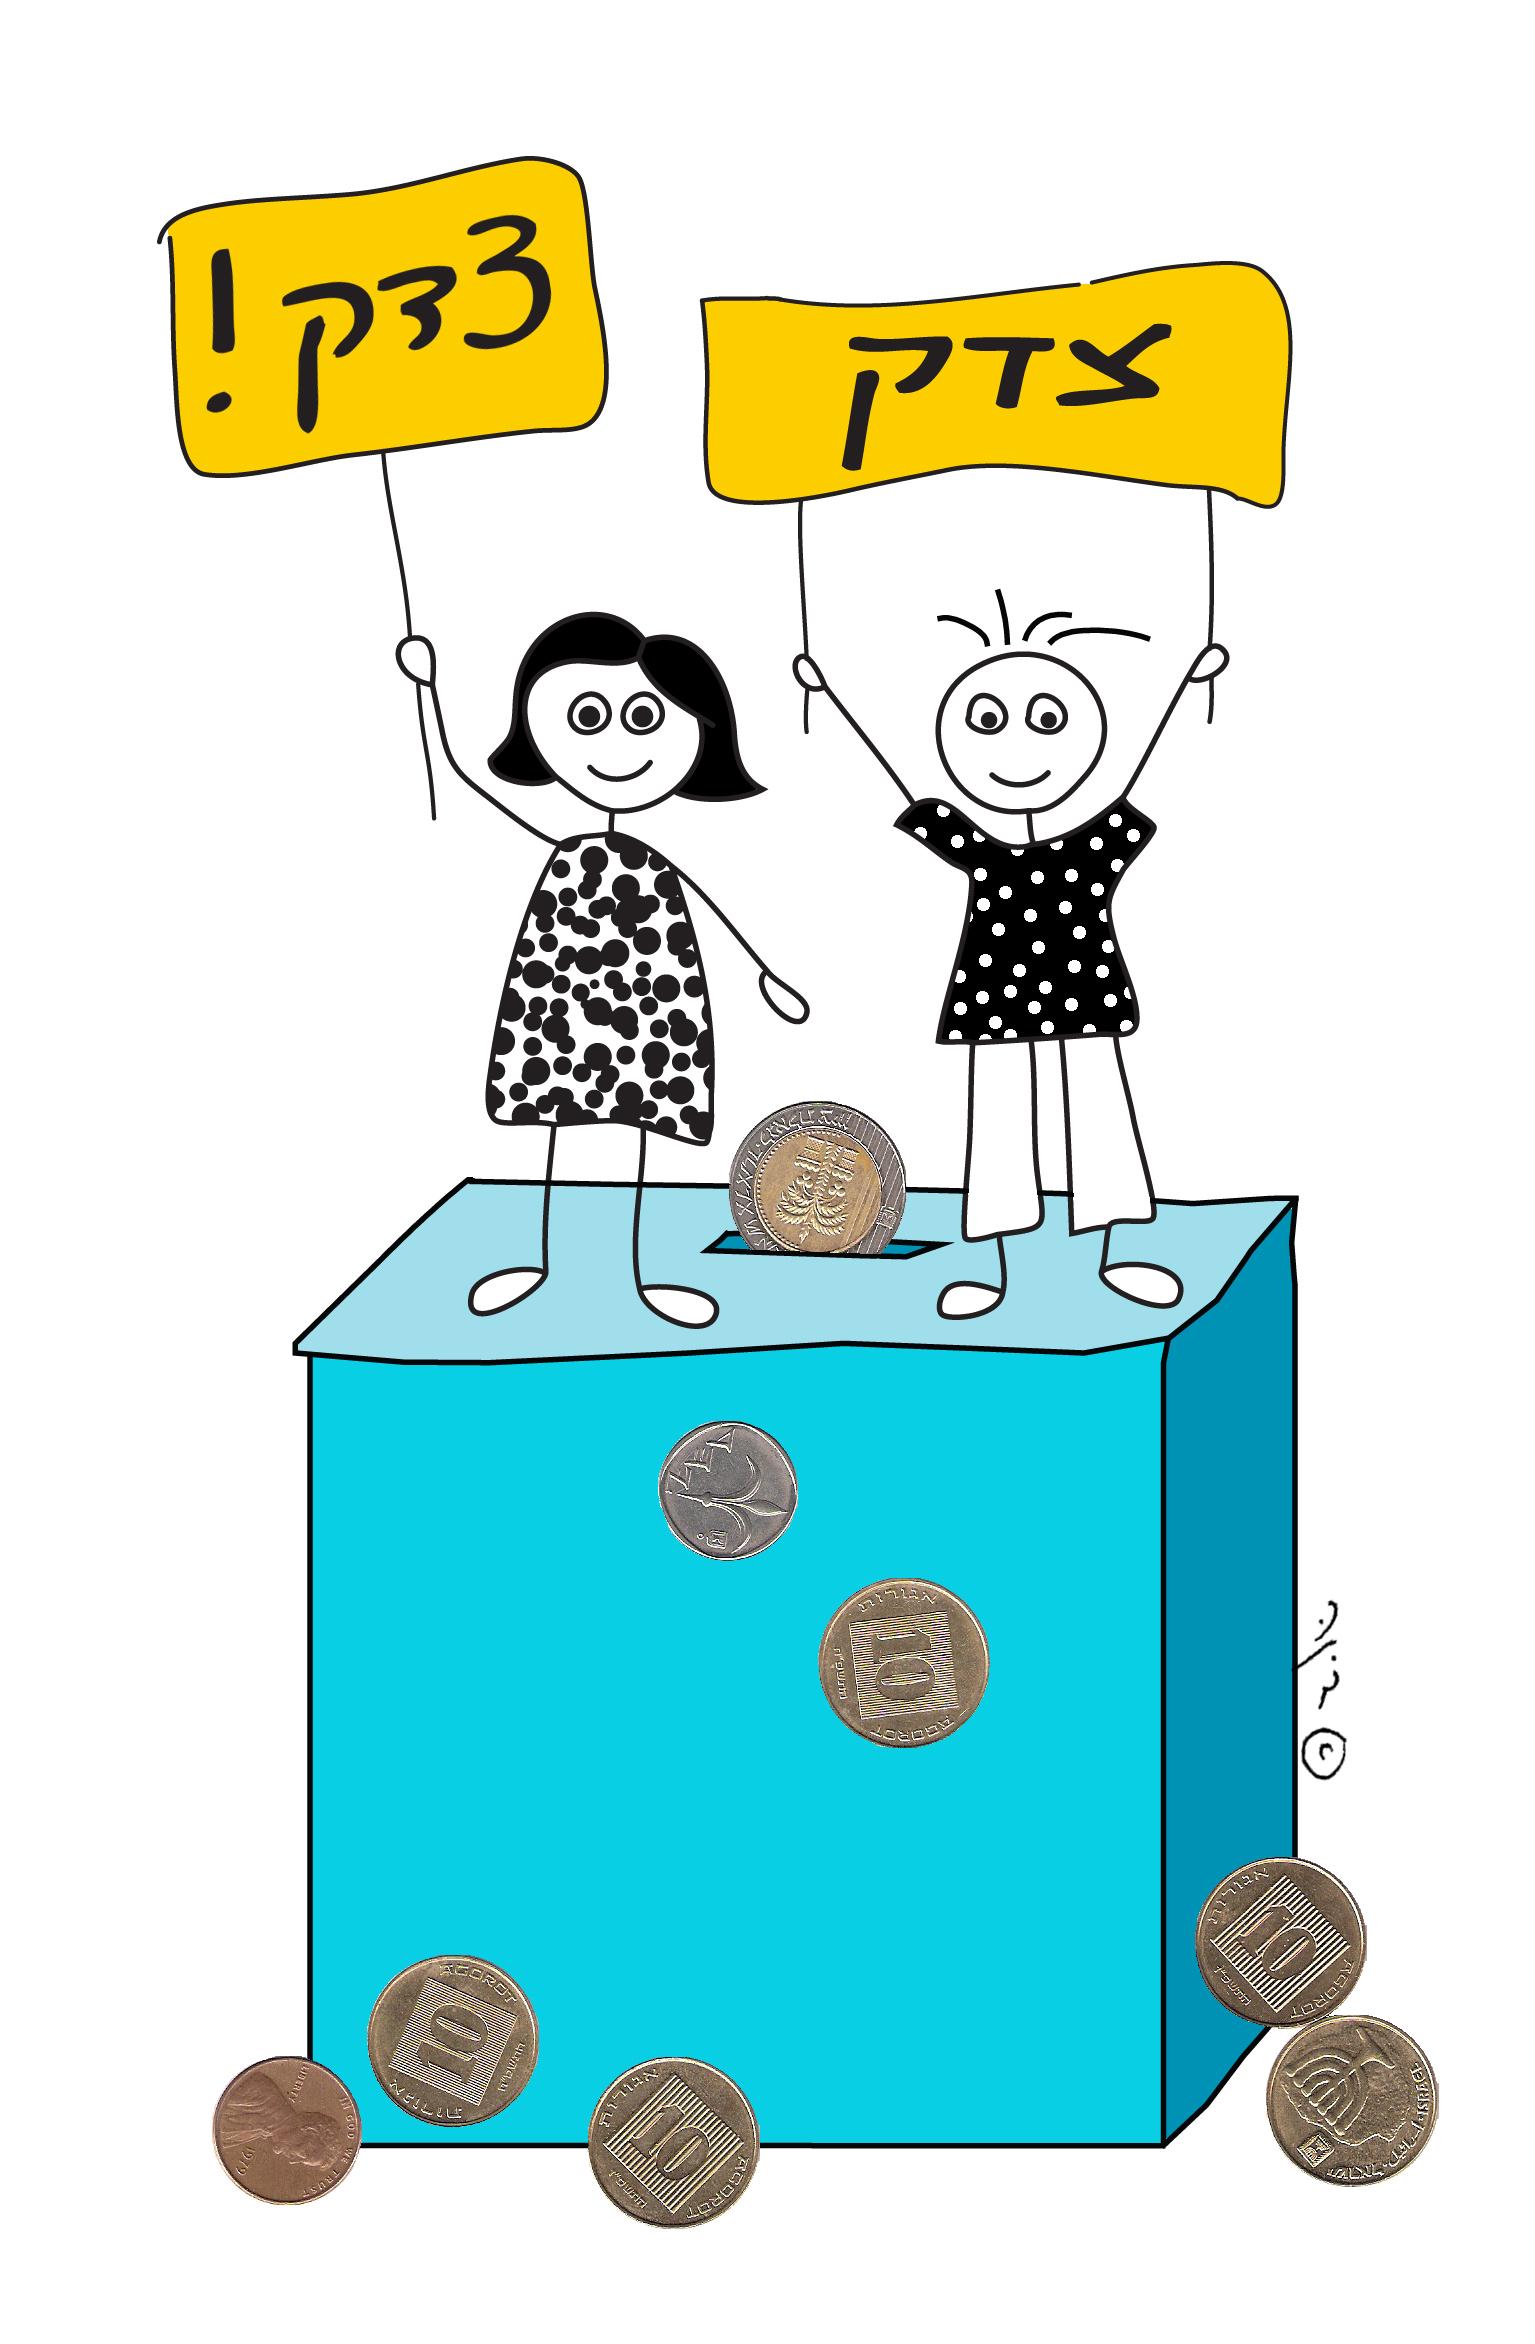 שני ילדים עומדים על קופת צדקה ואוחזים בשלטים צדק